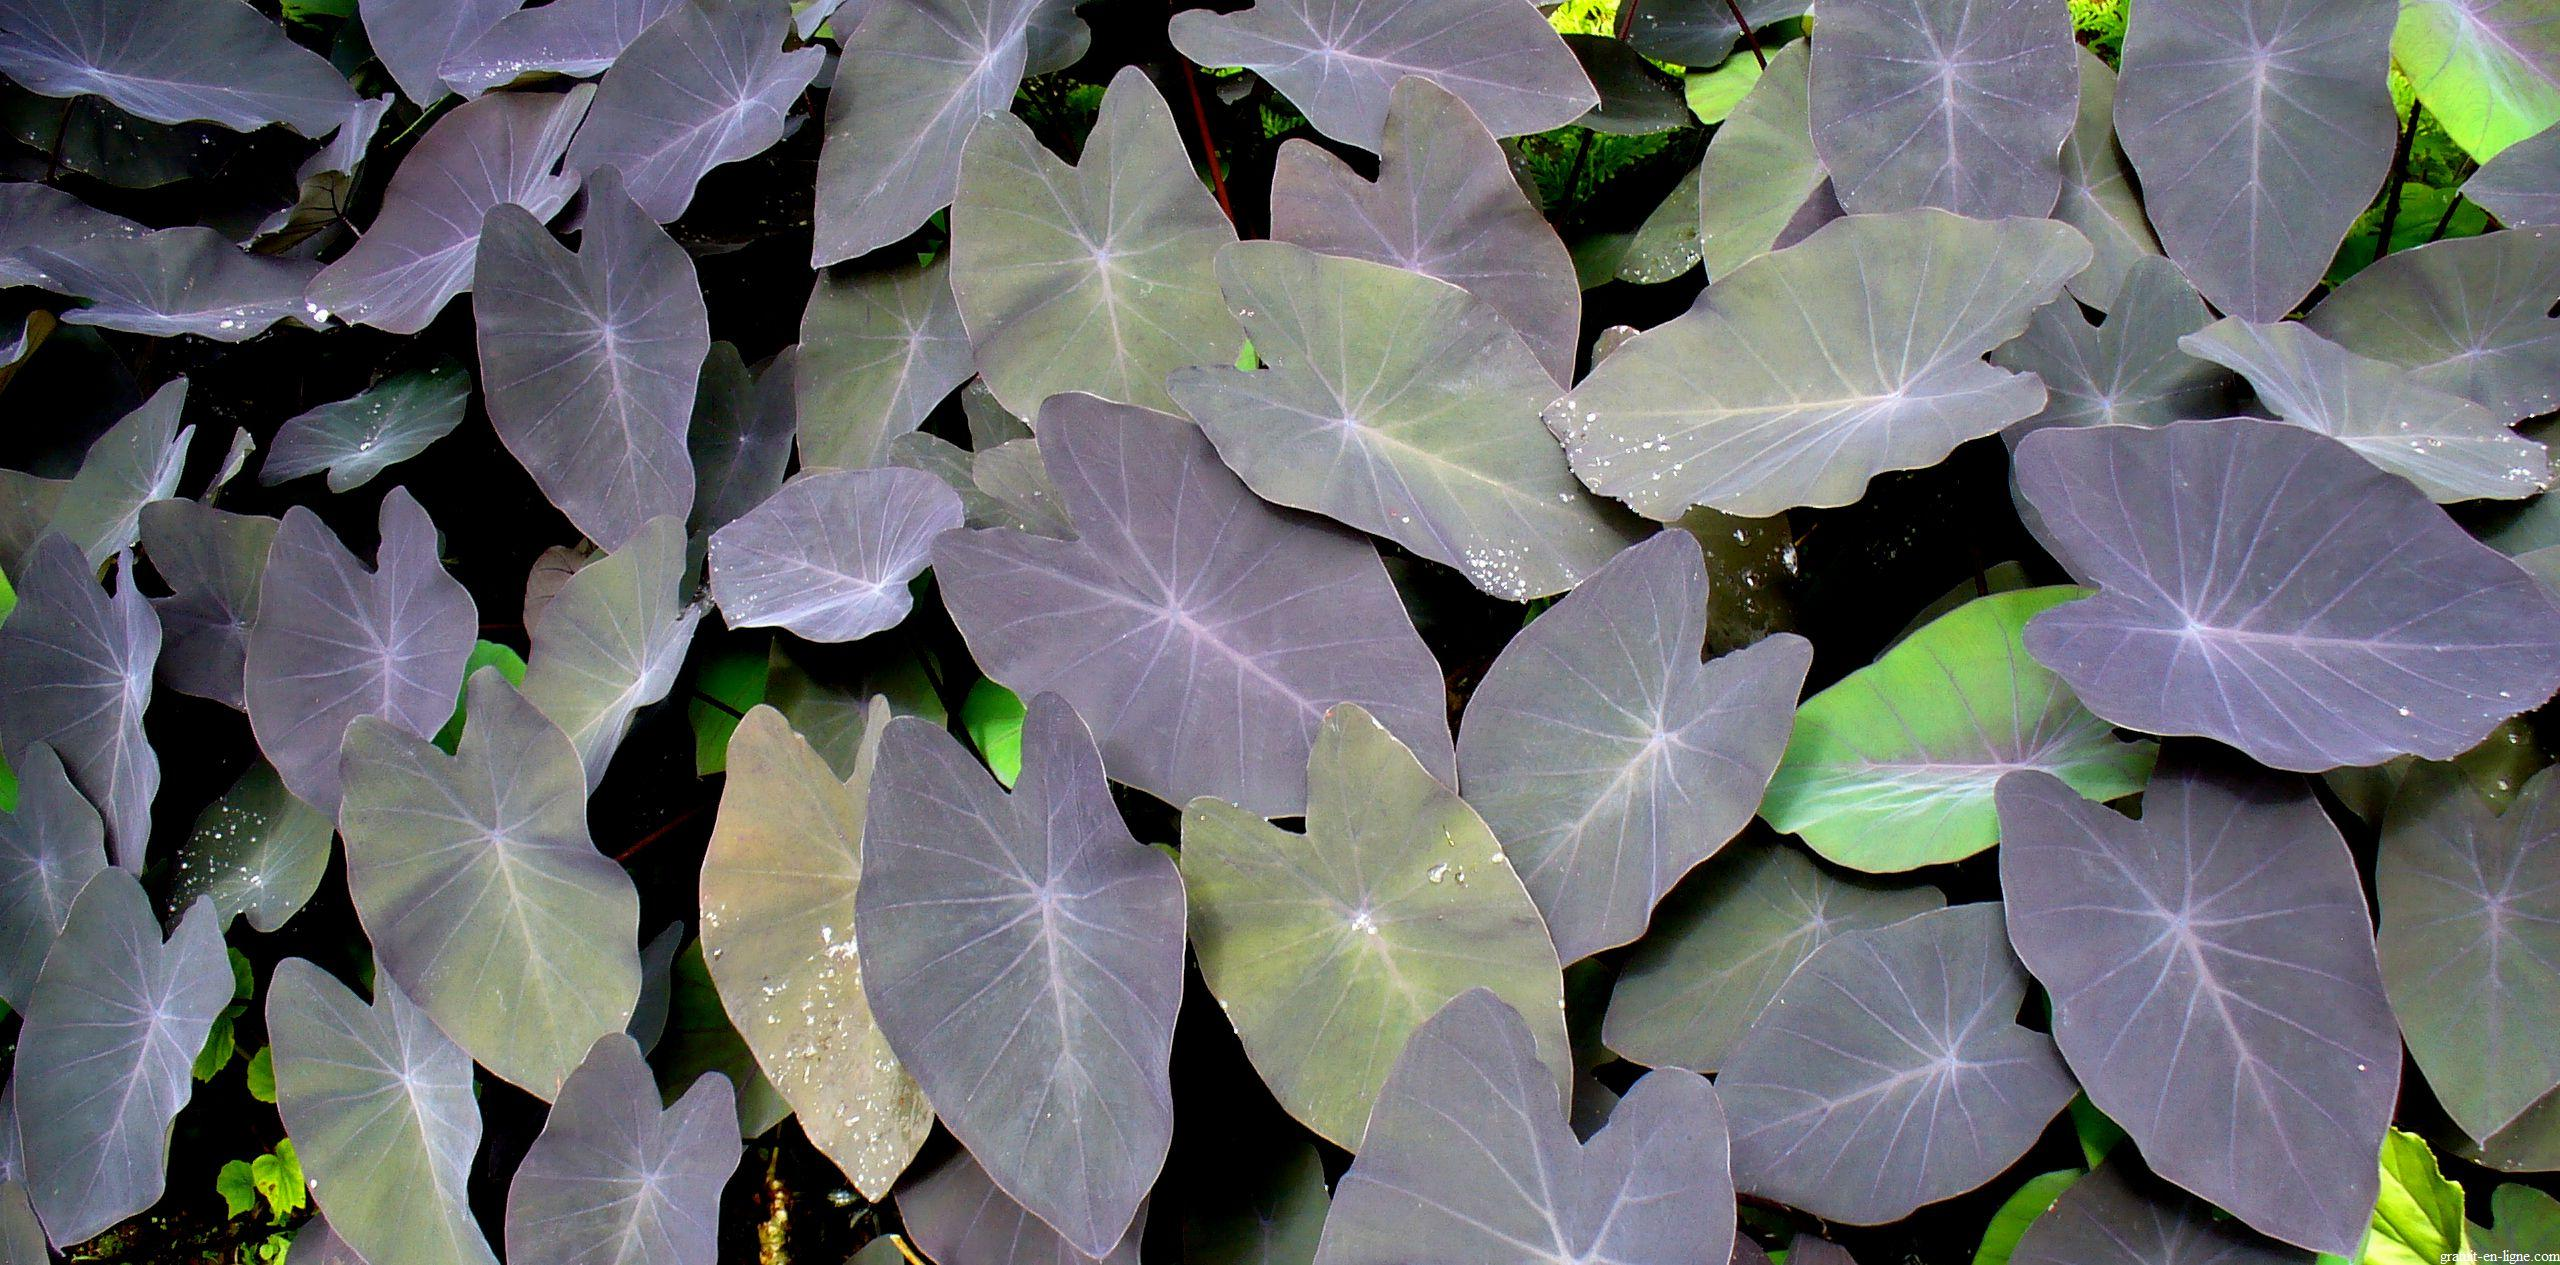 Image wallpaper fleur et plante gratuit hd en ligne for Plante en ligne